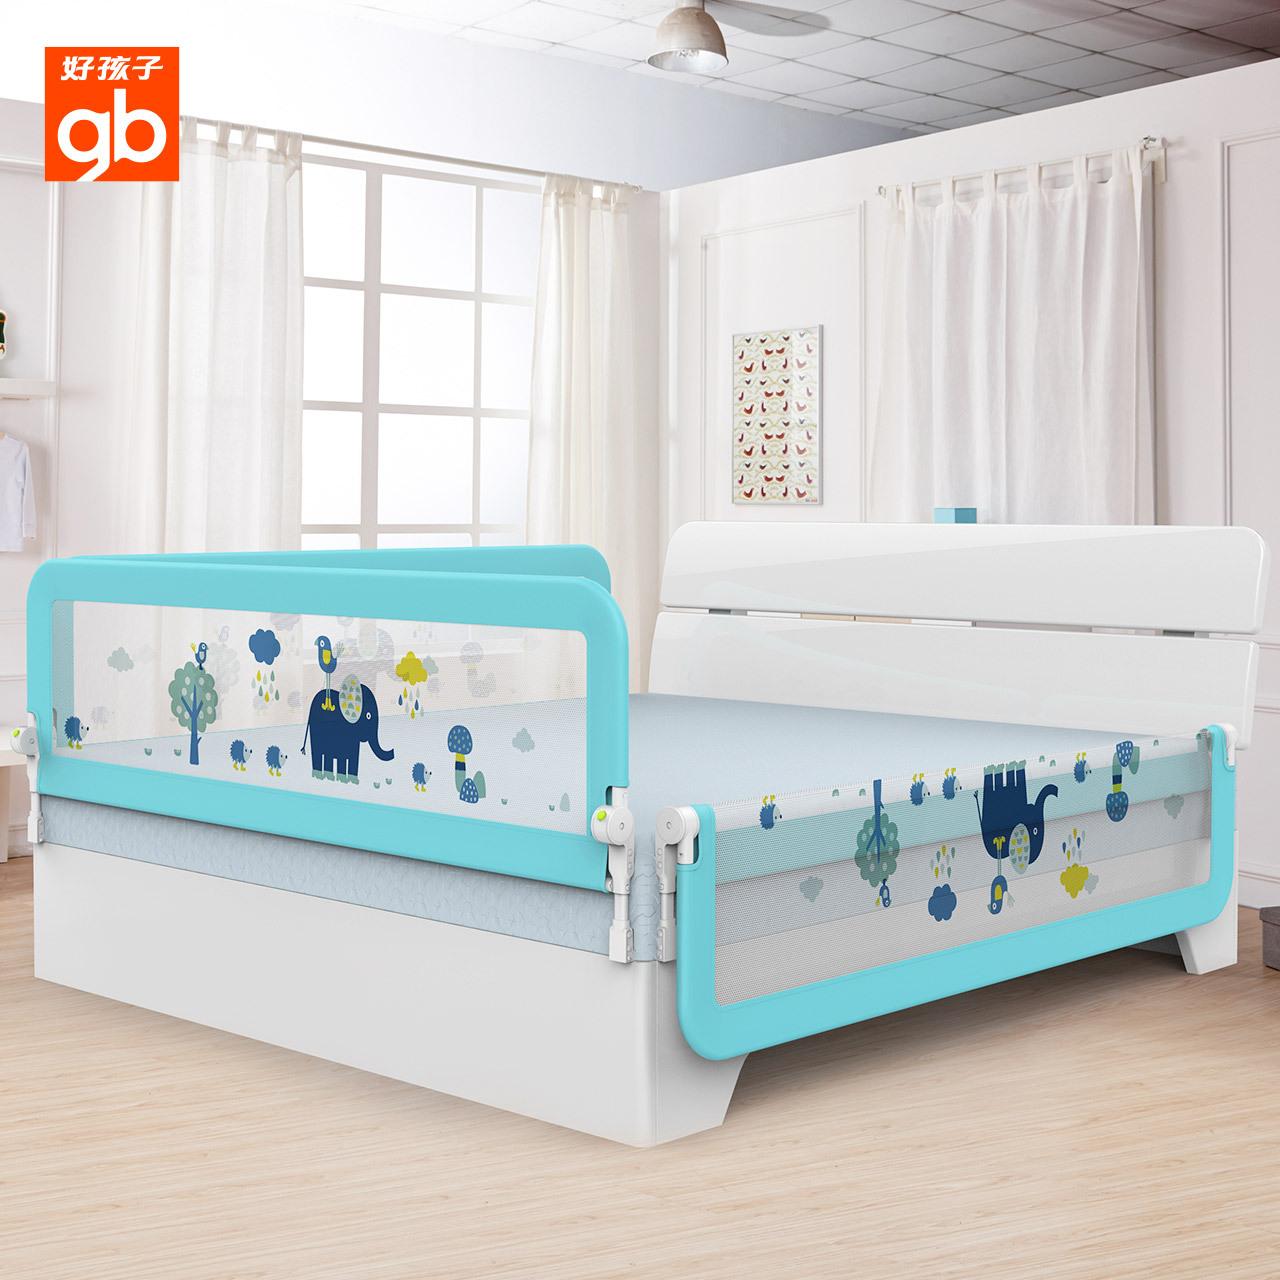 καλό παιδί νεογέννητο μωρό μου, το κρεβάτι. νέα παιδιά 12 μήνες το μωρό πίσω φράχτη δίπλα στο πτυσσόμενου αντι -